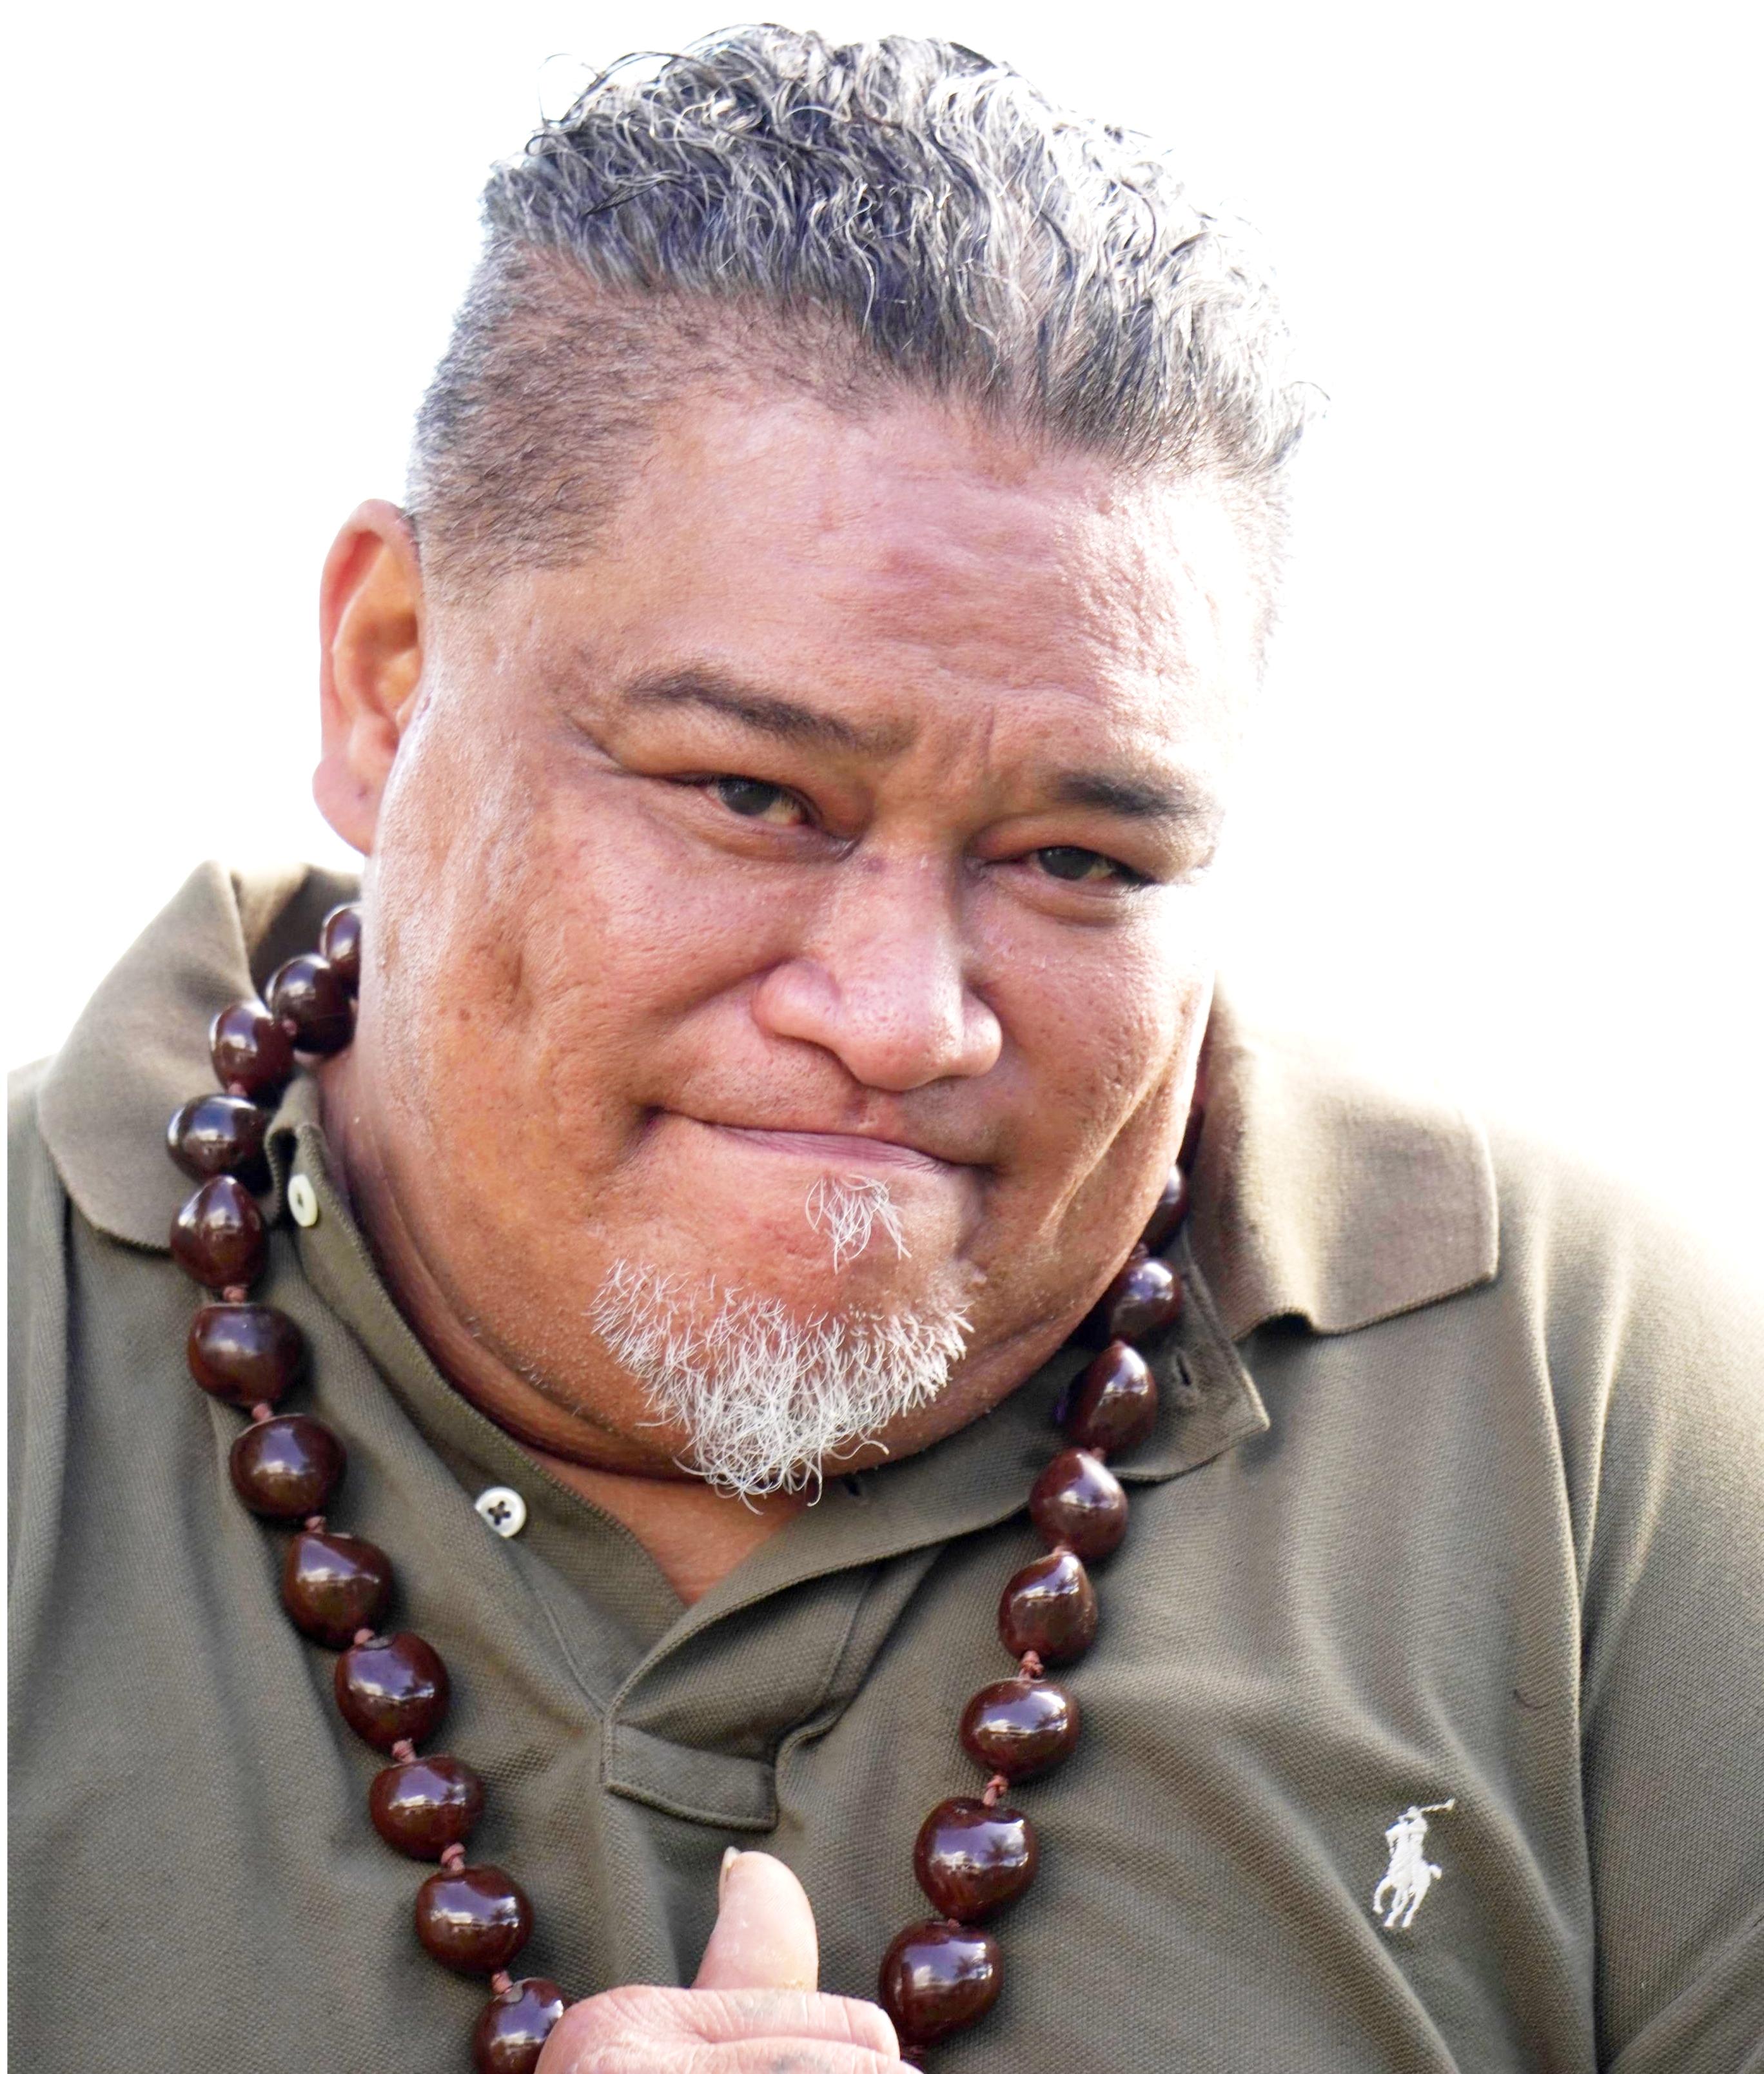 William Kuheleloa Chun